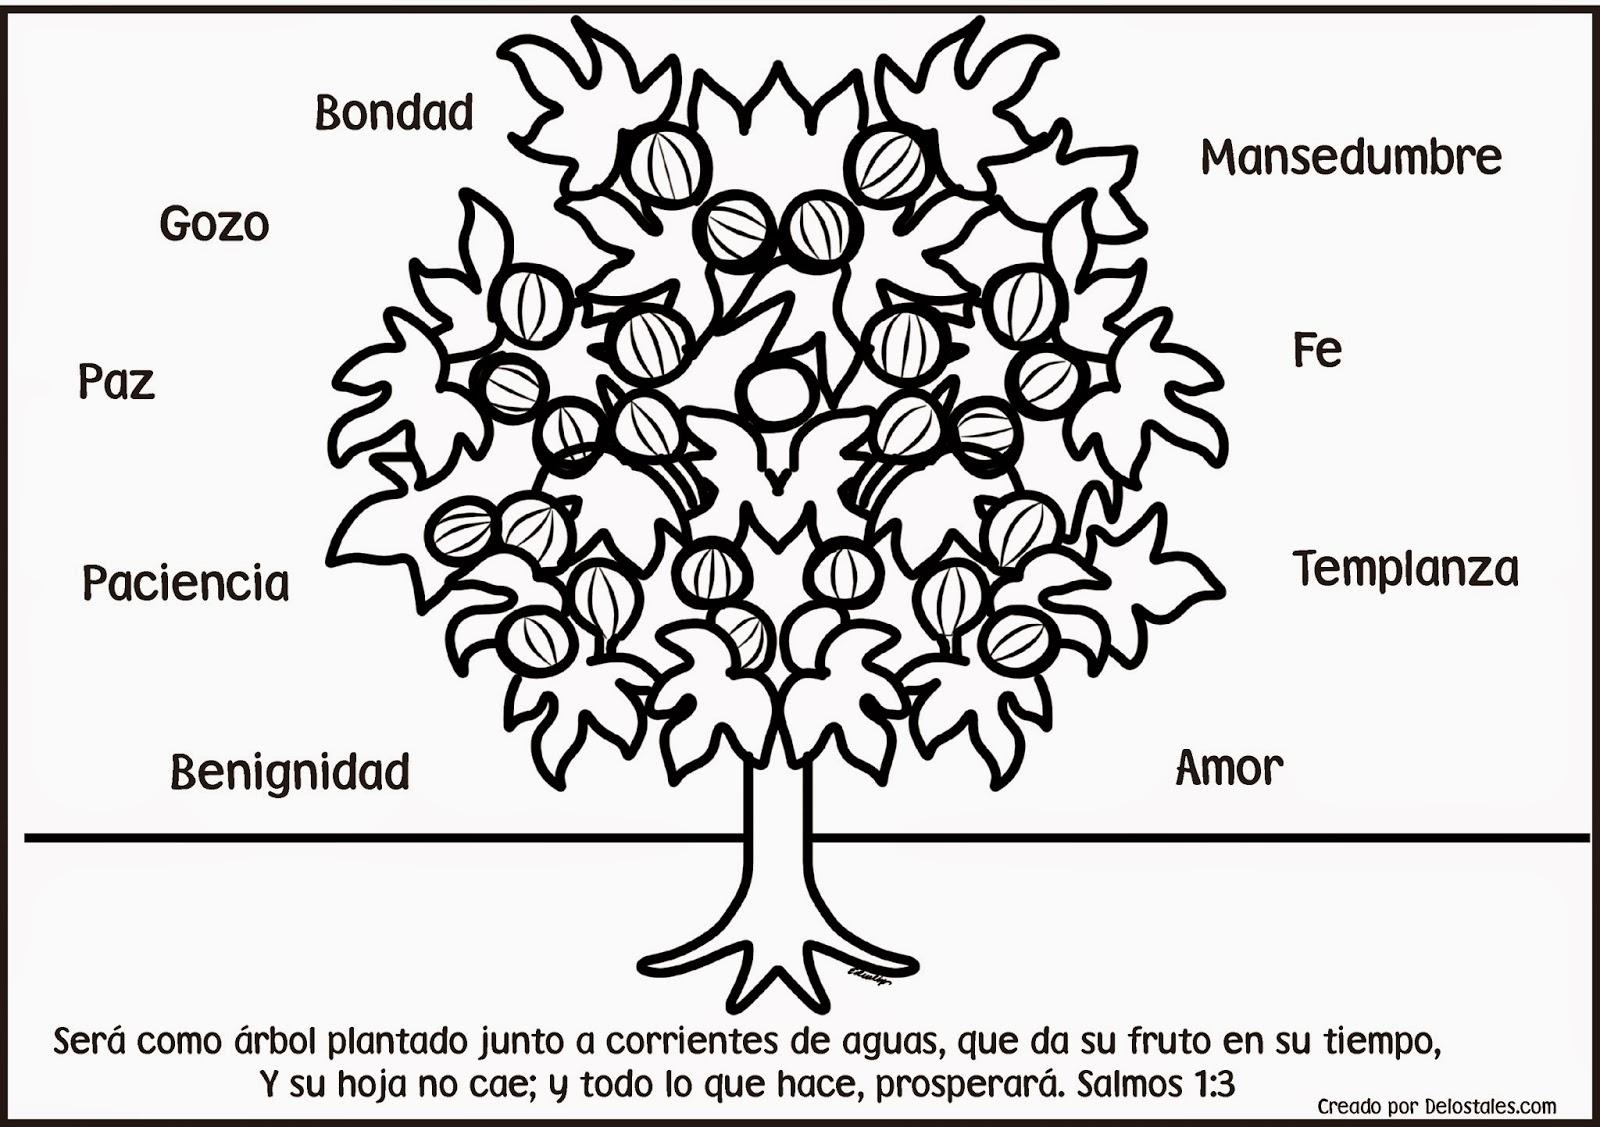 El Arbol De Los Frutos Para NiÑos: Septiembre 2014